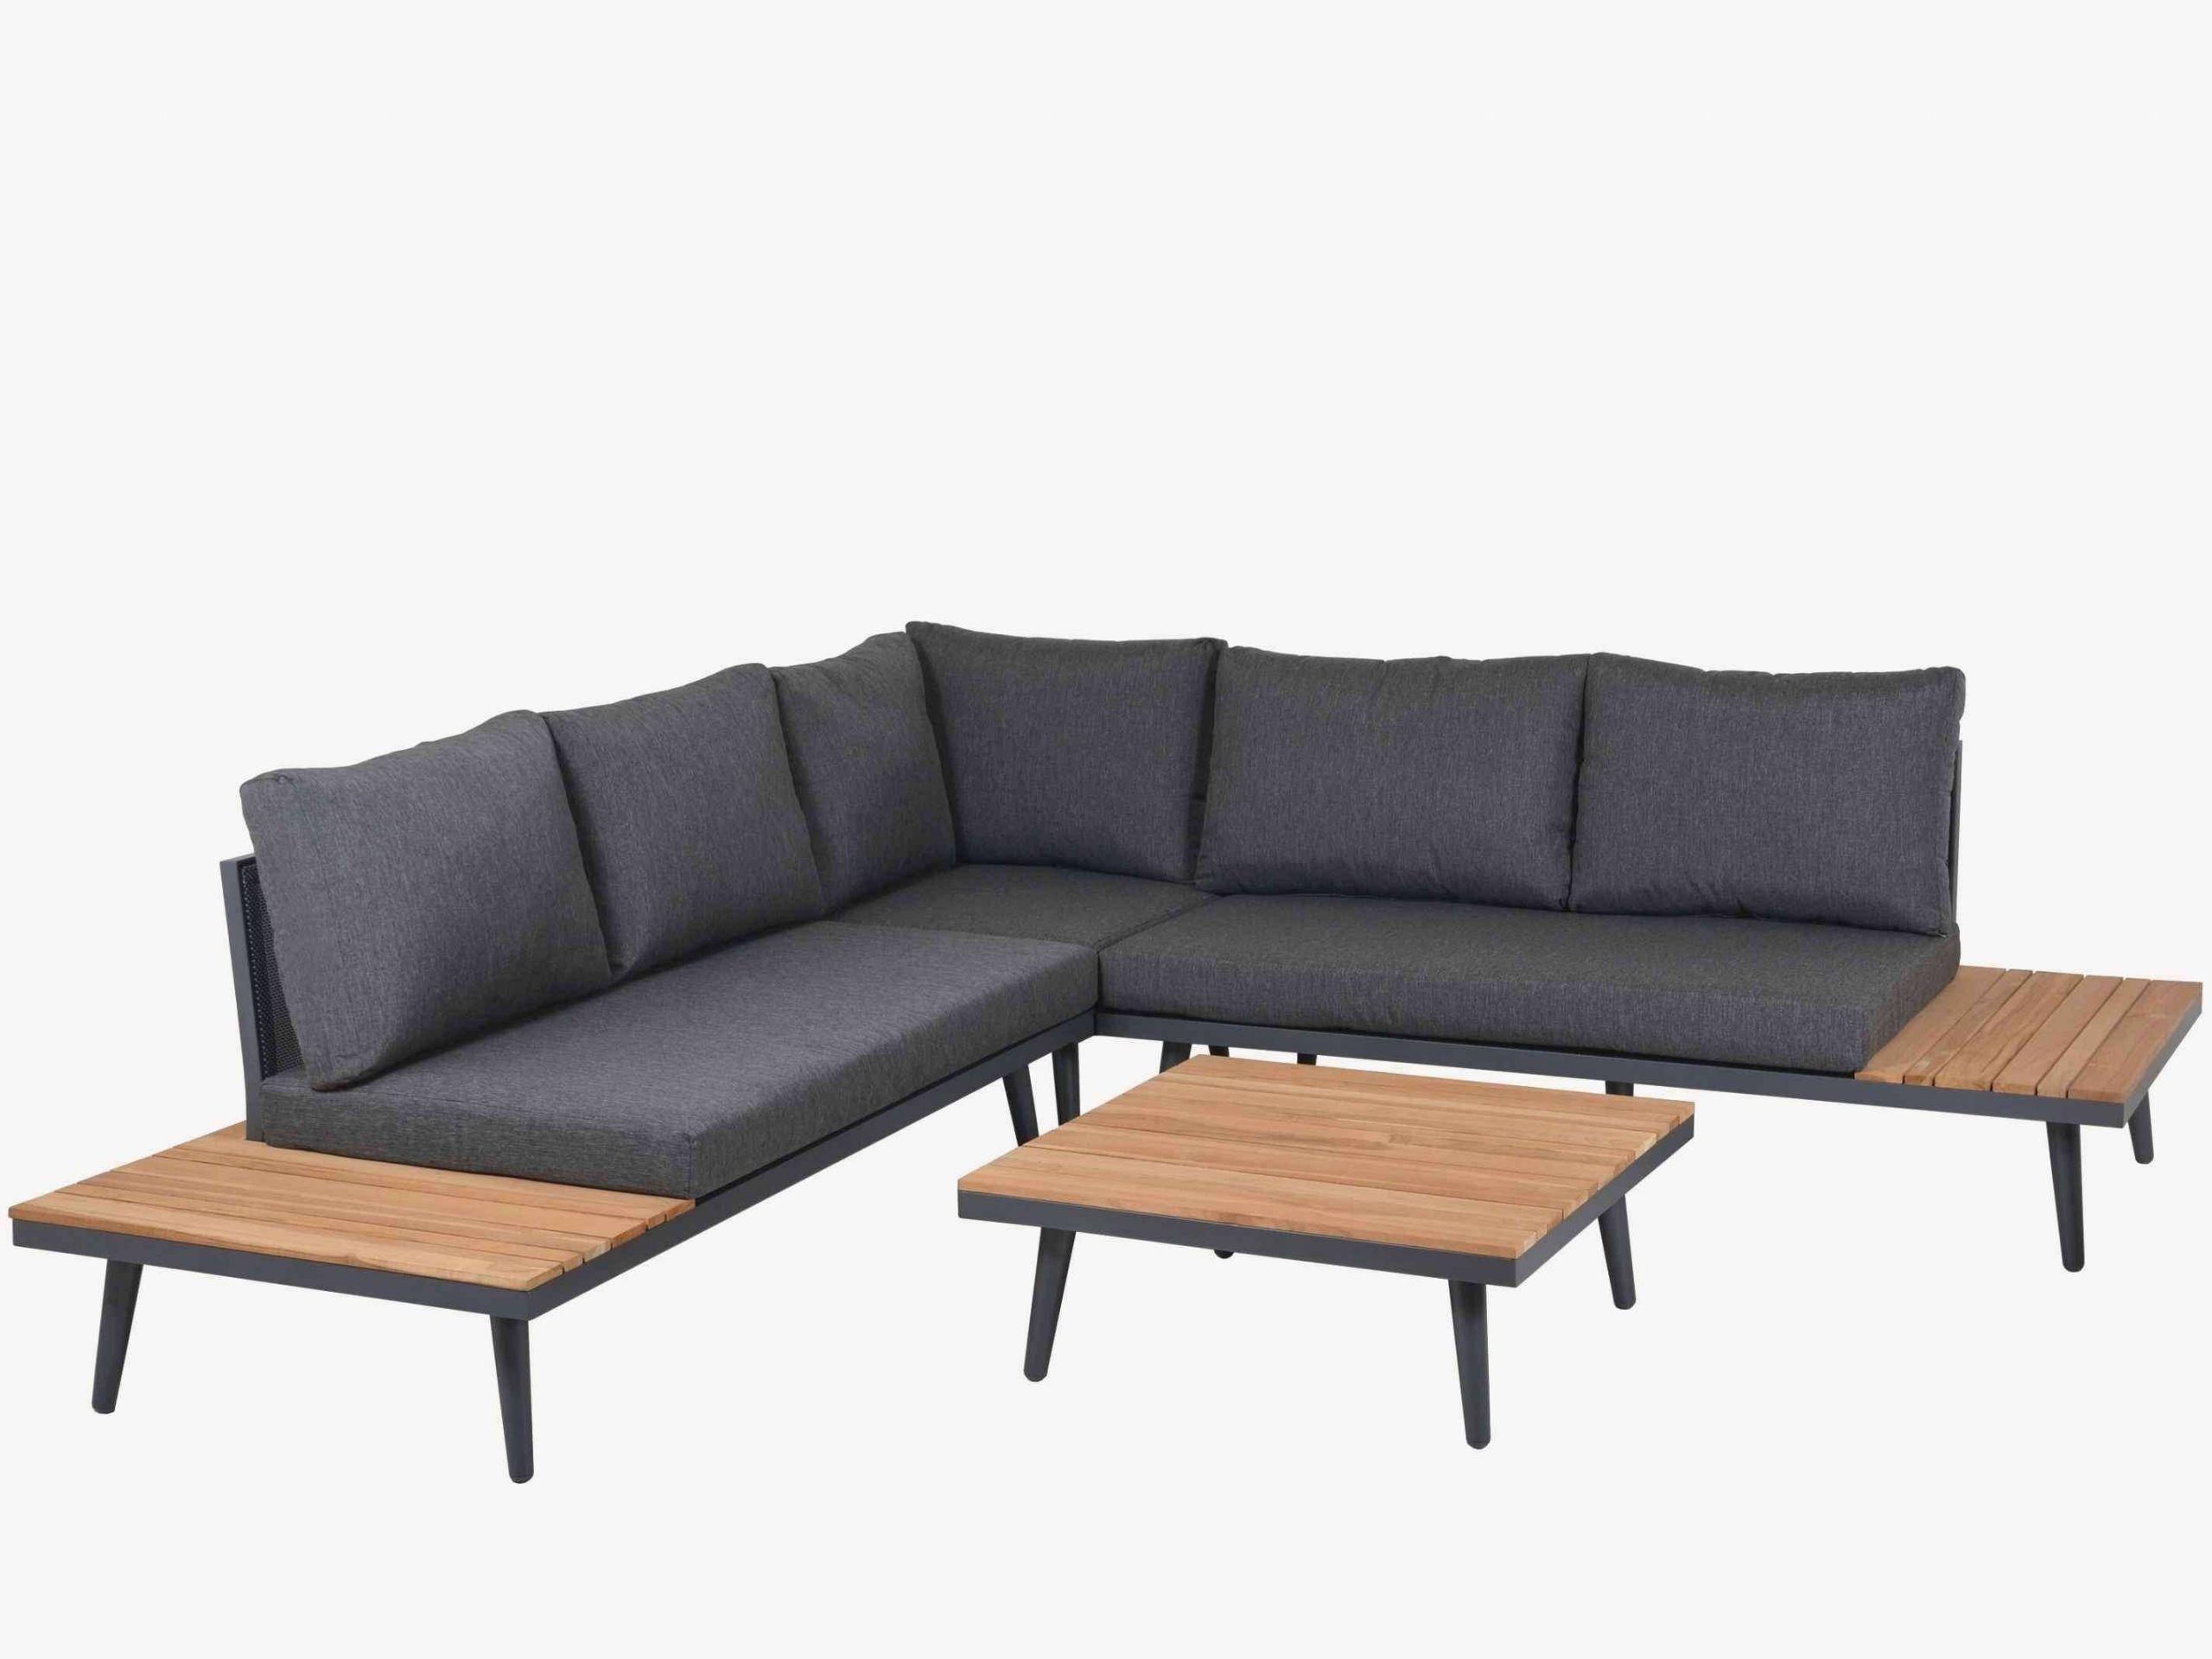 sitzgruppe wohnzimmer modern lieblich 48 schon garten couch gunstig pic of sitzgruppe wohnzimmer modern